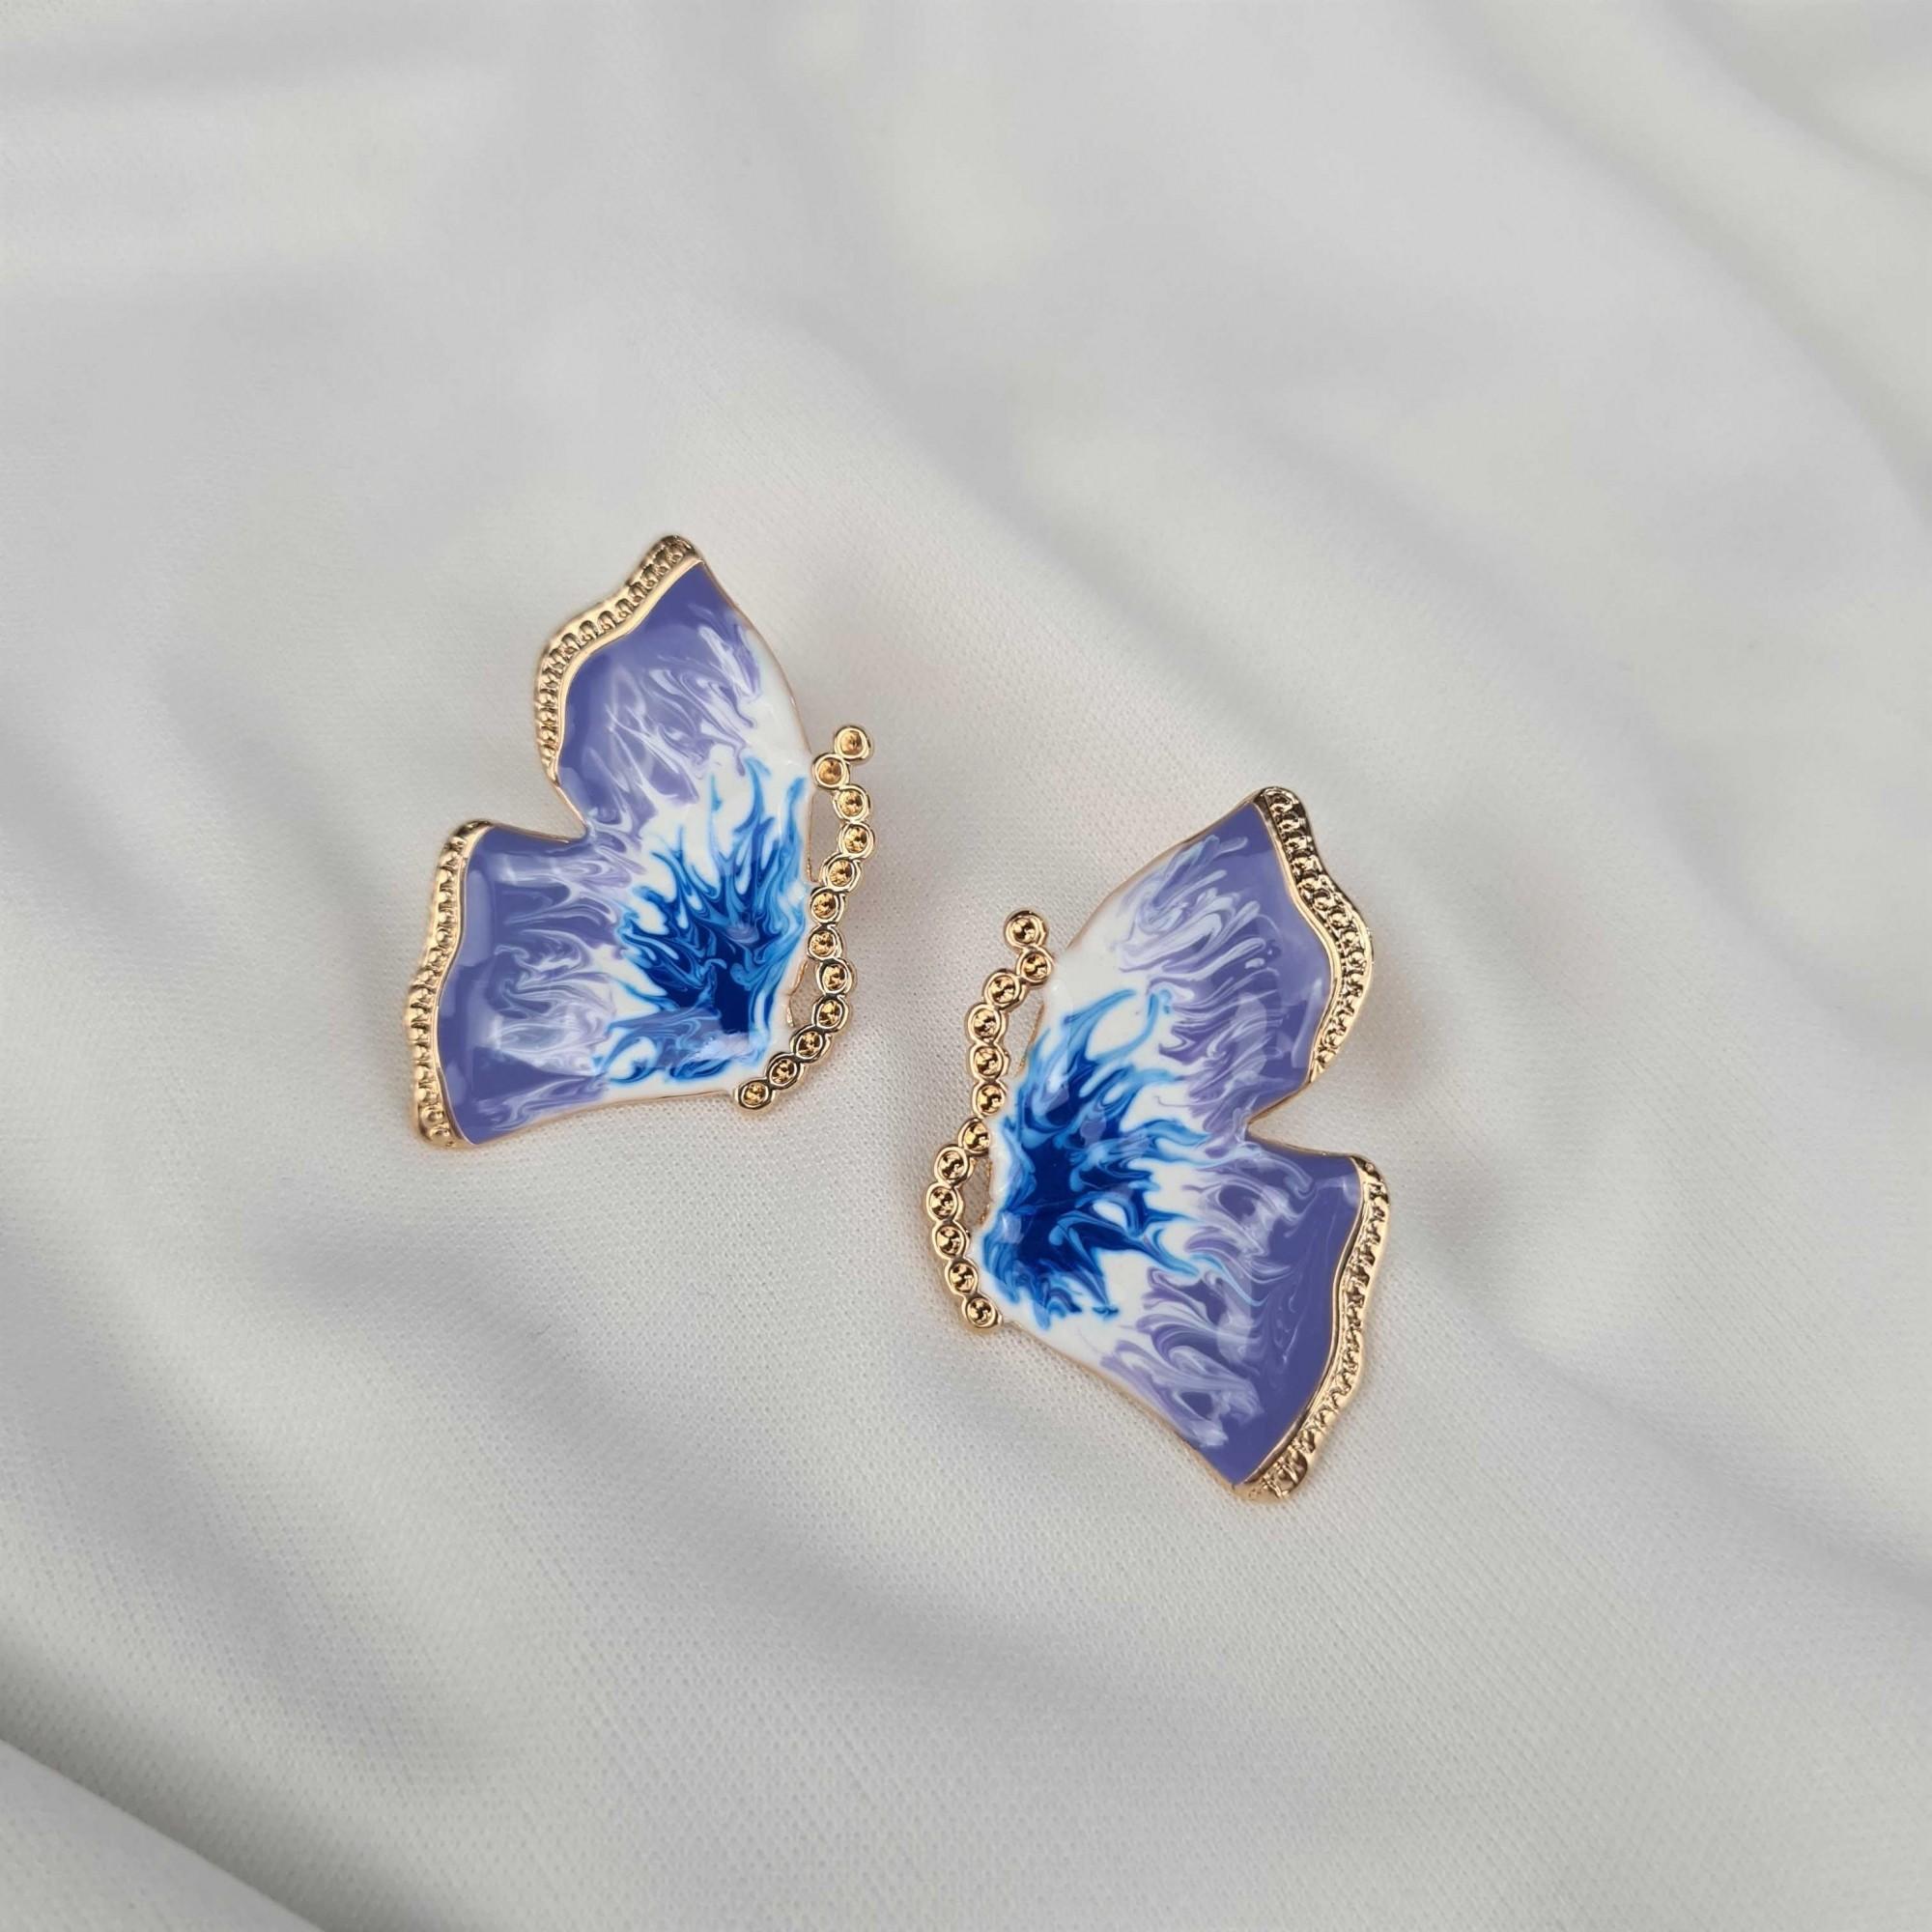 Brinco borboleta esmaltada banhado a ouro 18k